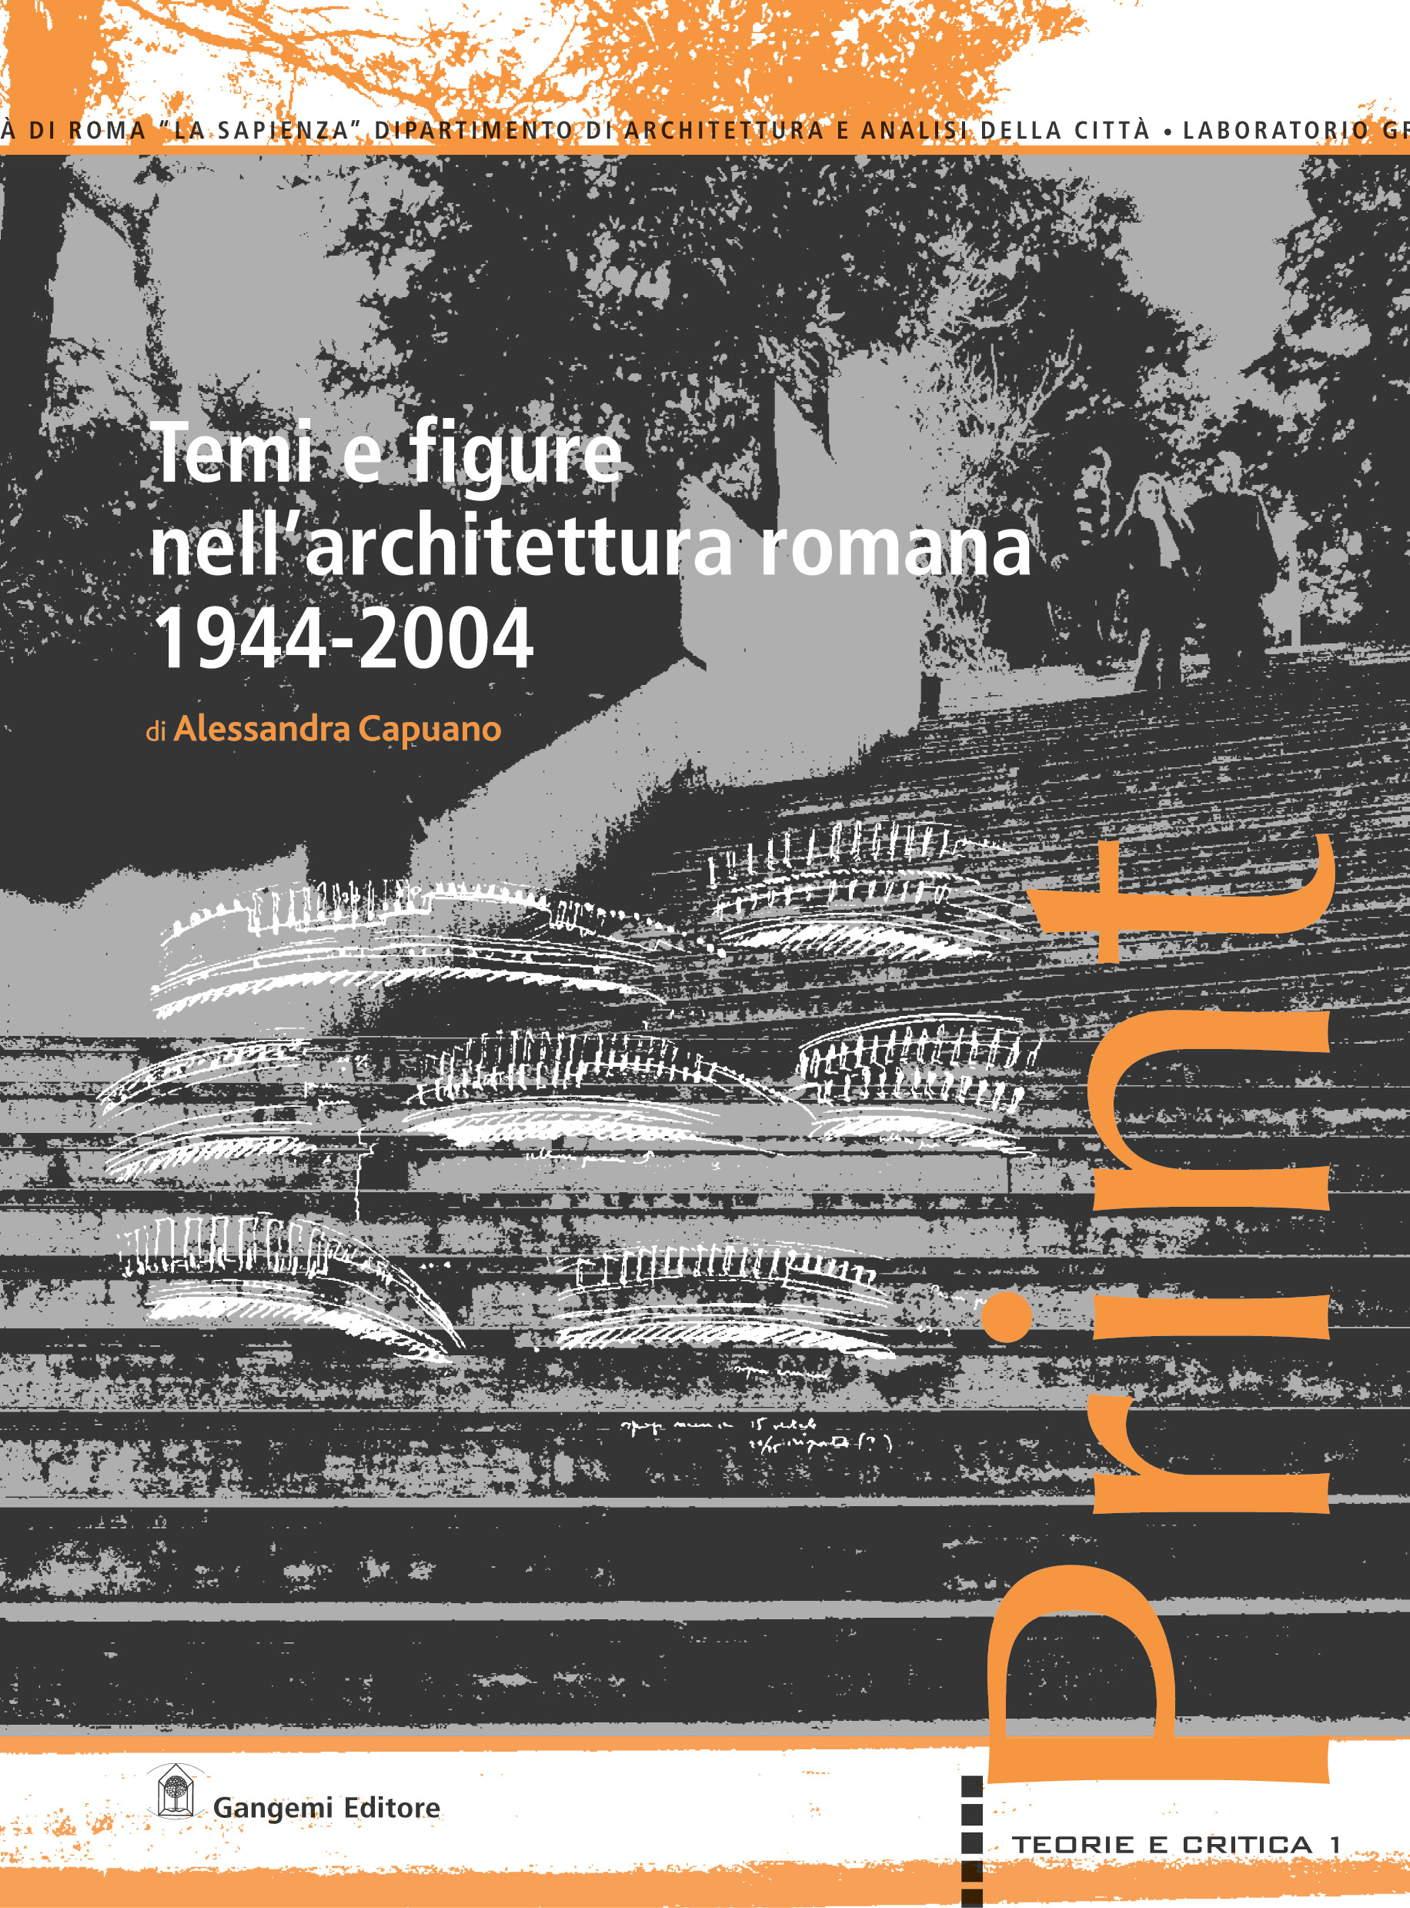 Temi e figure nell'architettura romana, 1944-2004